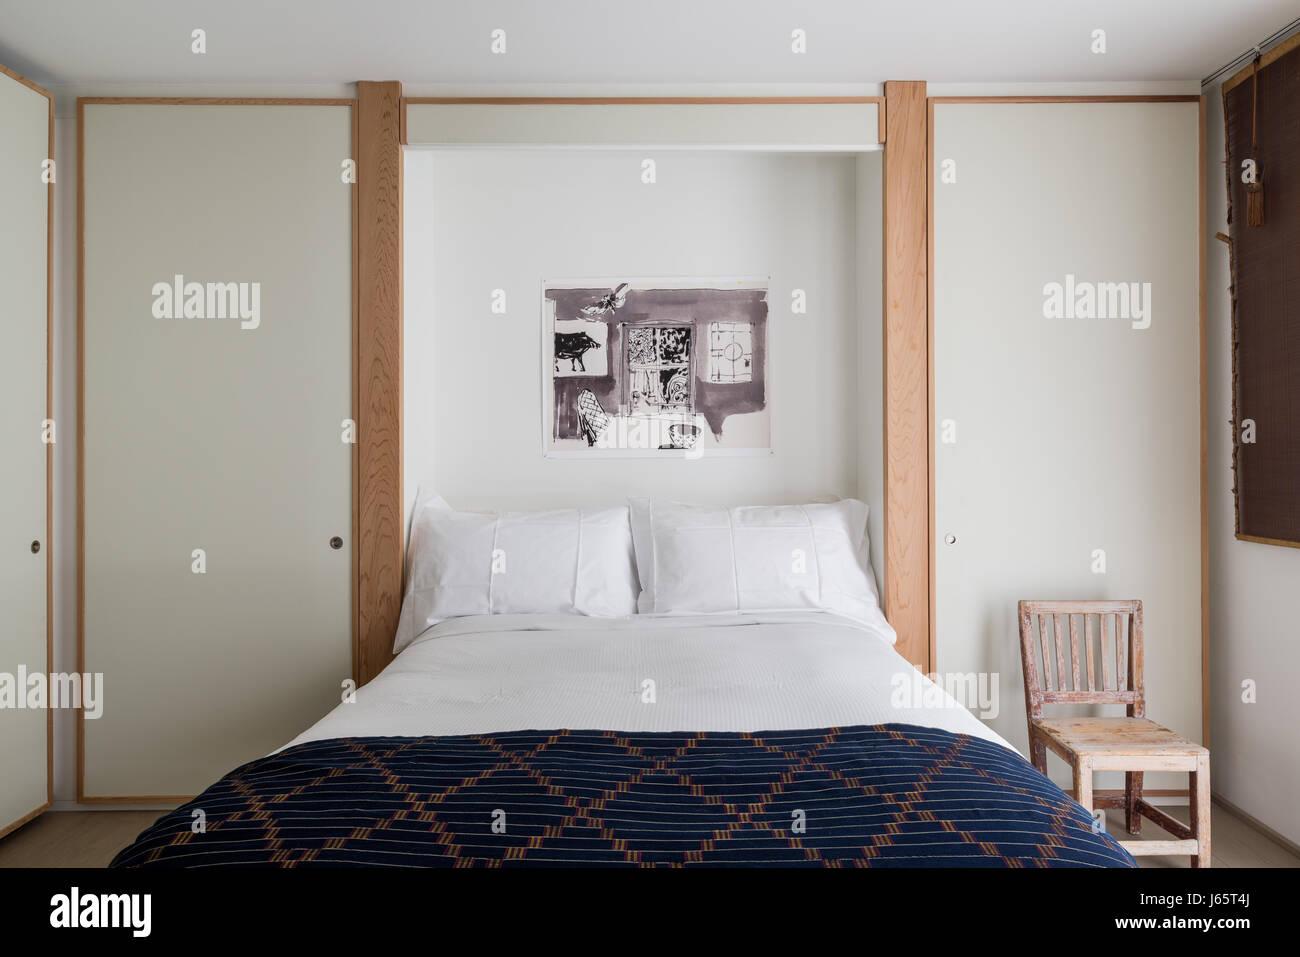 Zen-artige Schlafzimmer mit weißem Laminat und Eiche, afrikanische ...